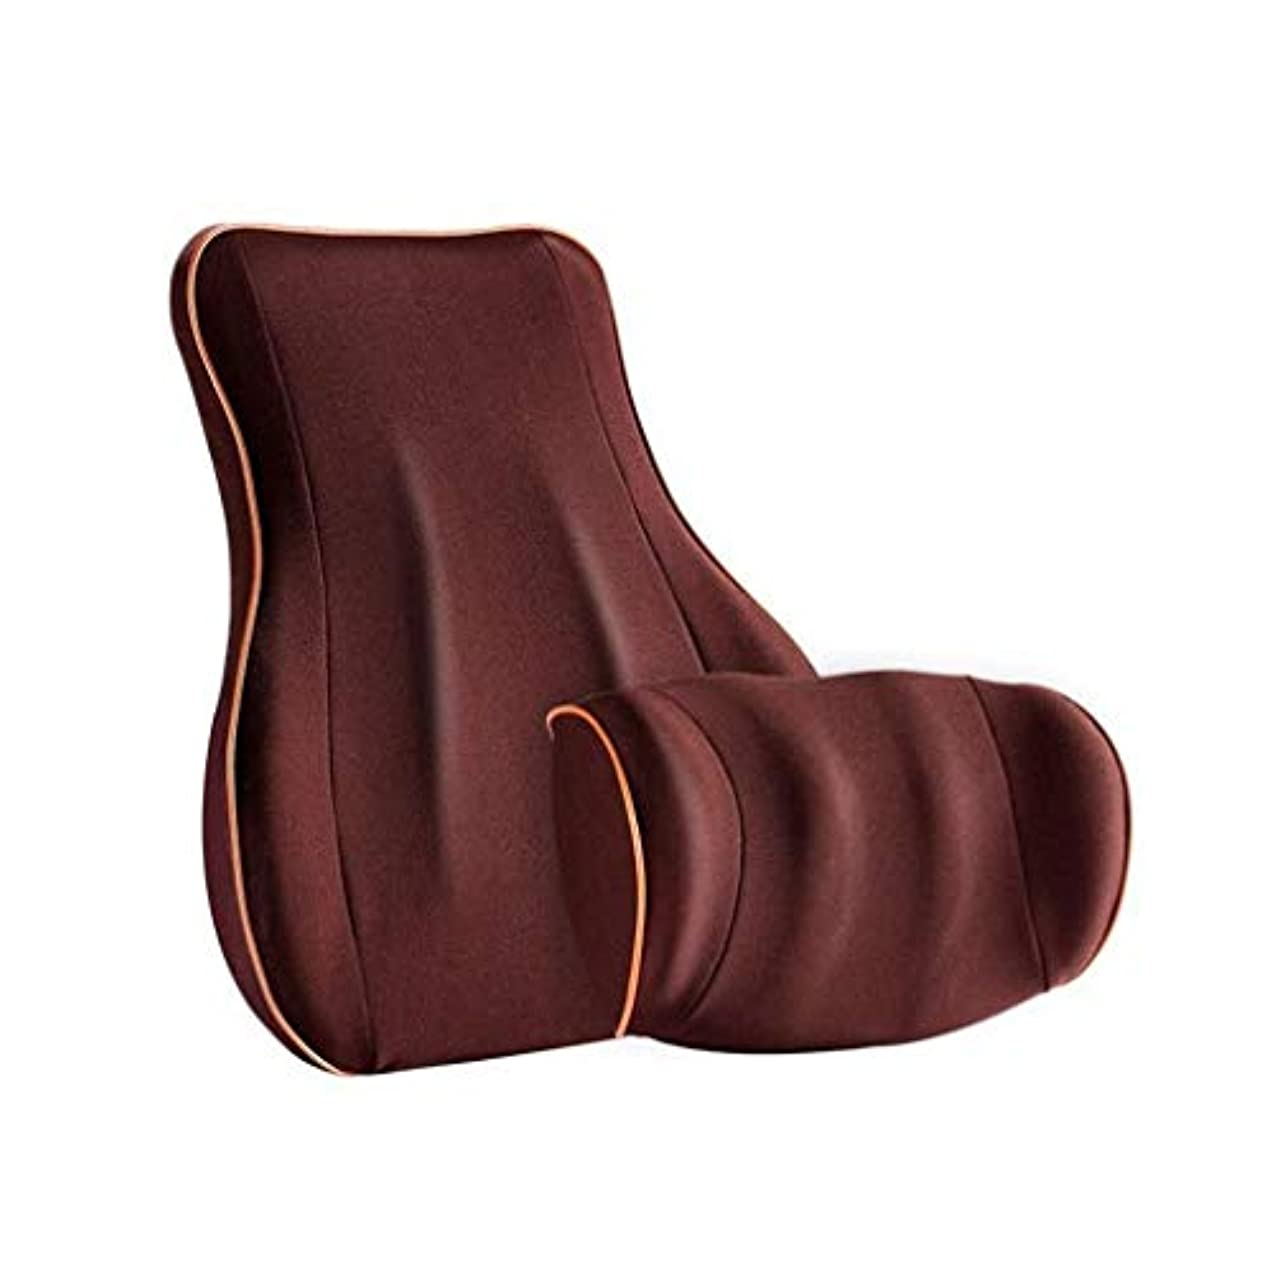 行き当たりばったり味方豊富腰椎枕と首の枕、腰椎サポート枕低反発コットン、人間工学に基づいた低反発フォームのデザイン、腰と首の疲れや痛みを軽減?防止する、長距離運転オフィスに最適 (Color : Brown)